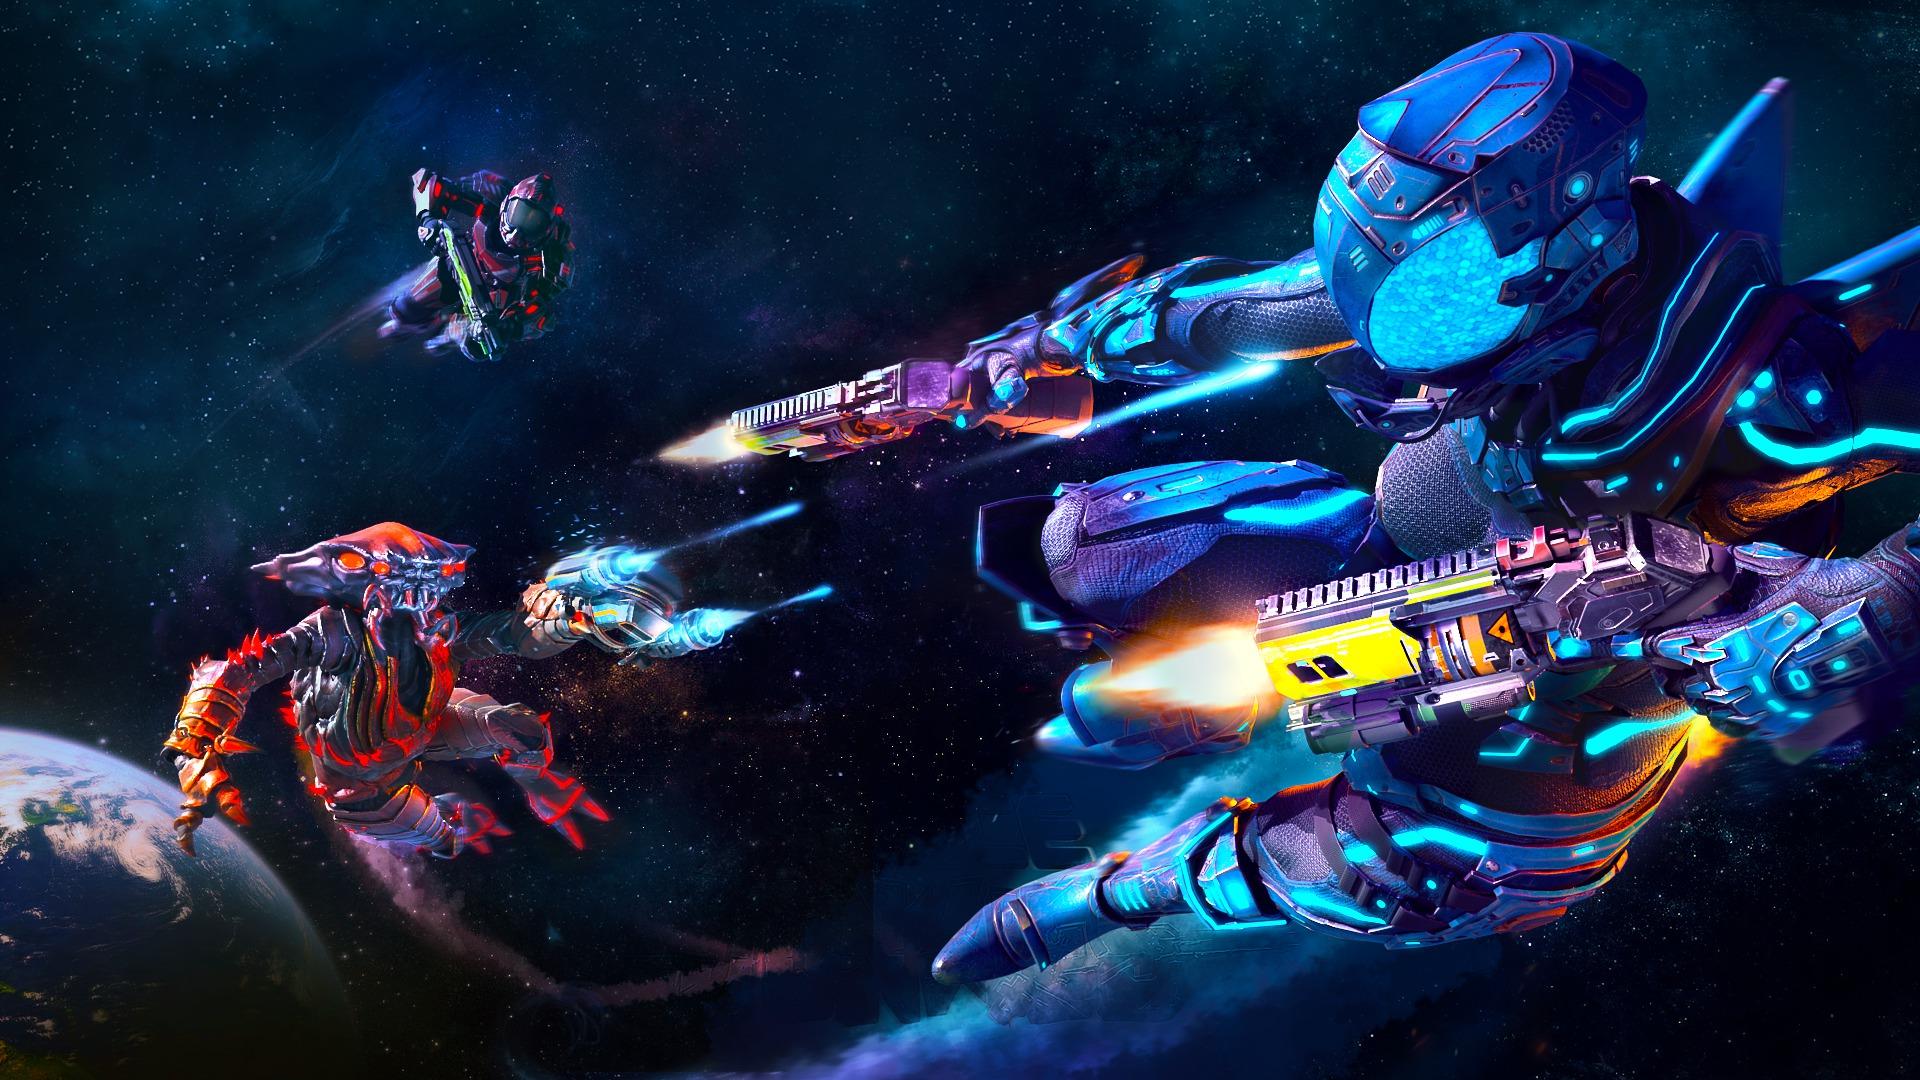 育碧VR游戏《太空镖客》BETA公测3月22日开跑